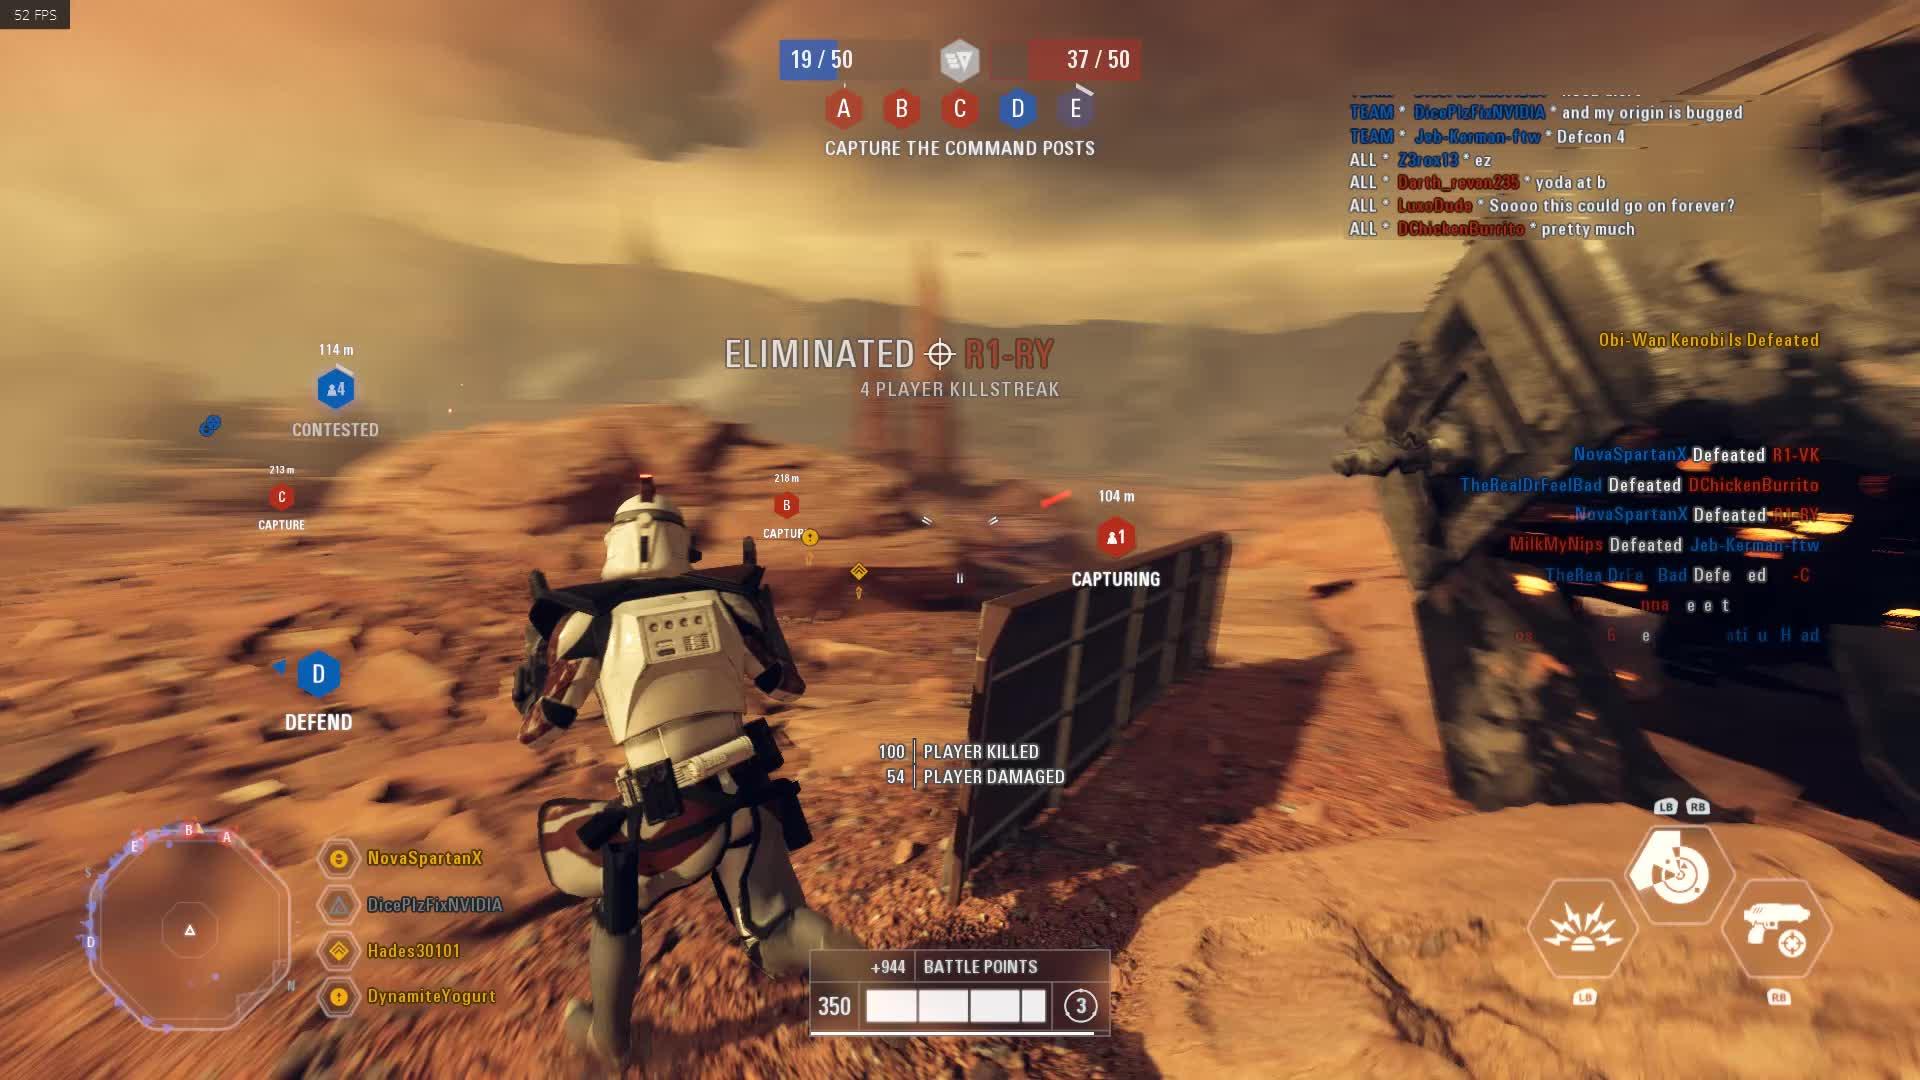 starwarsbattlefront, Star Wars Battlefront II (2017) 2019.03.26 - 20.40.04.10.DVR GIFs